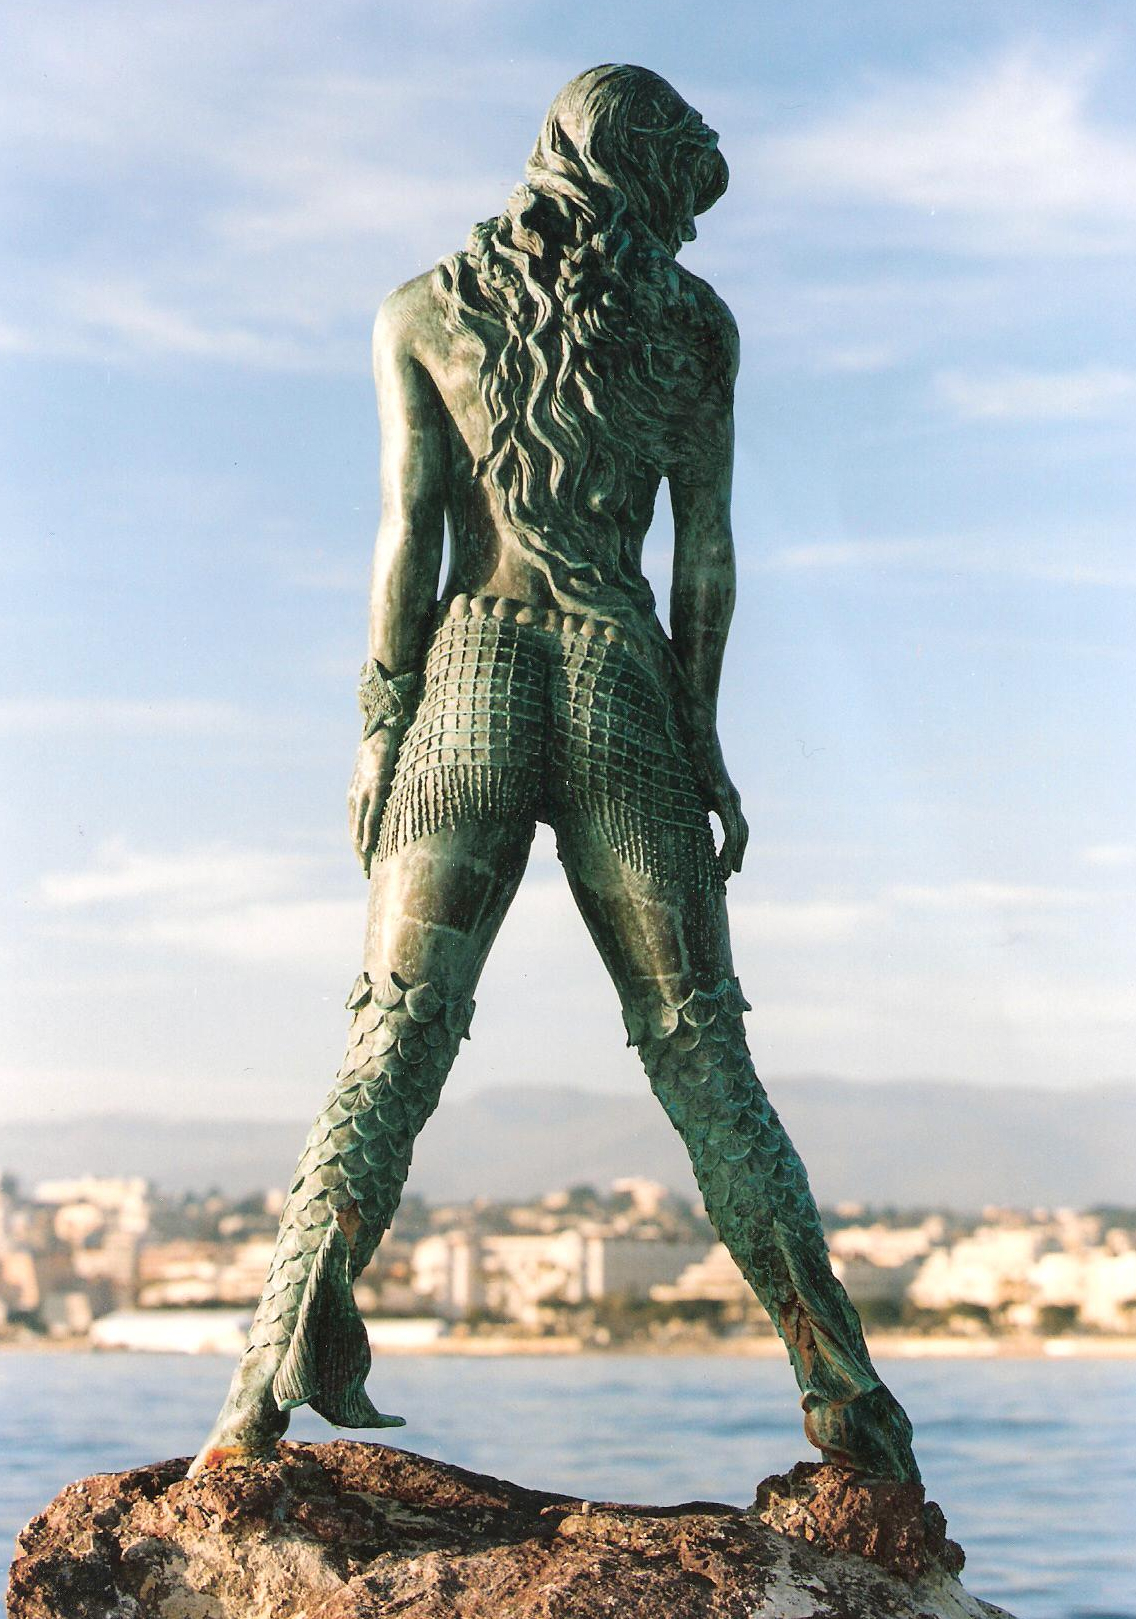 Mermaid Sculpture - Mermaid Decor Ideas